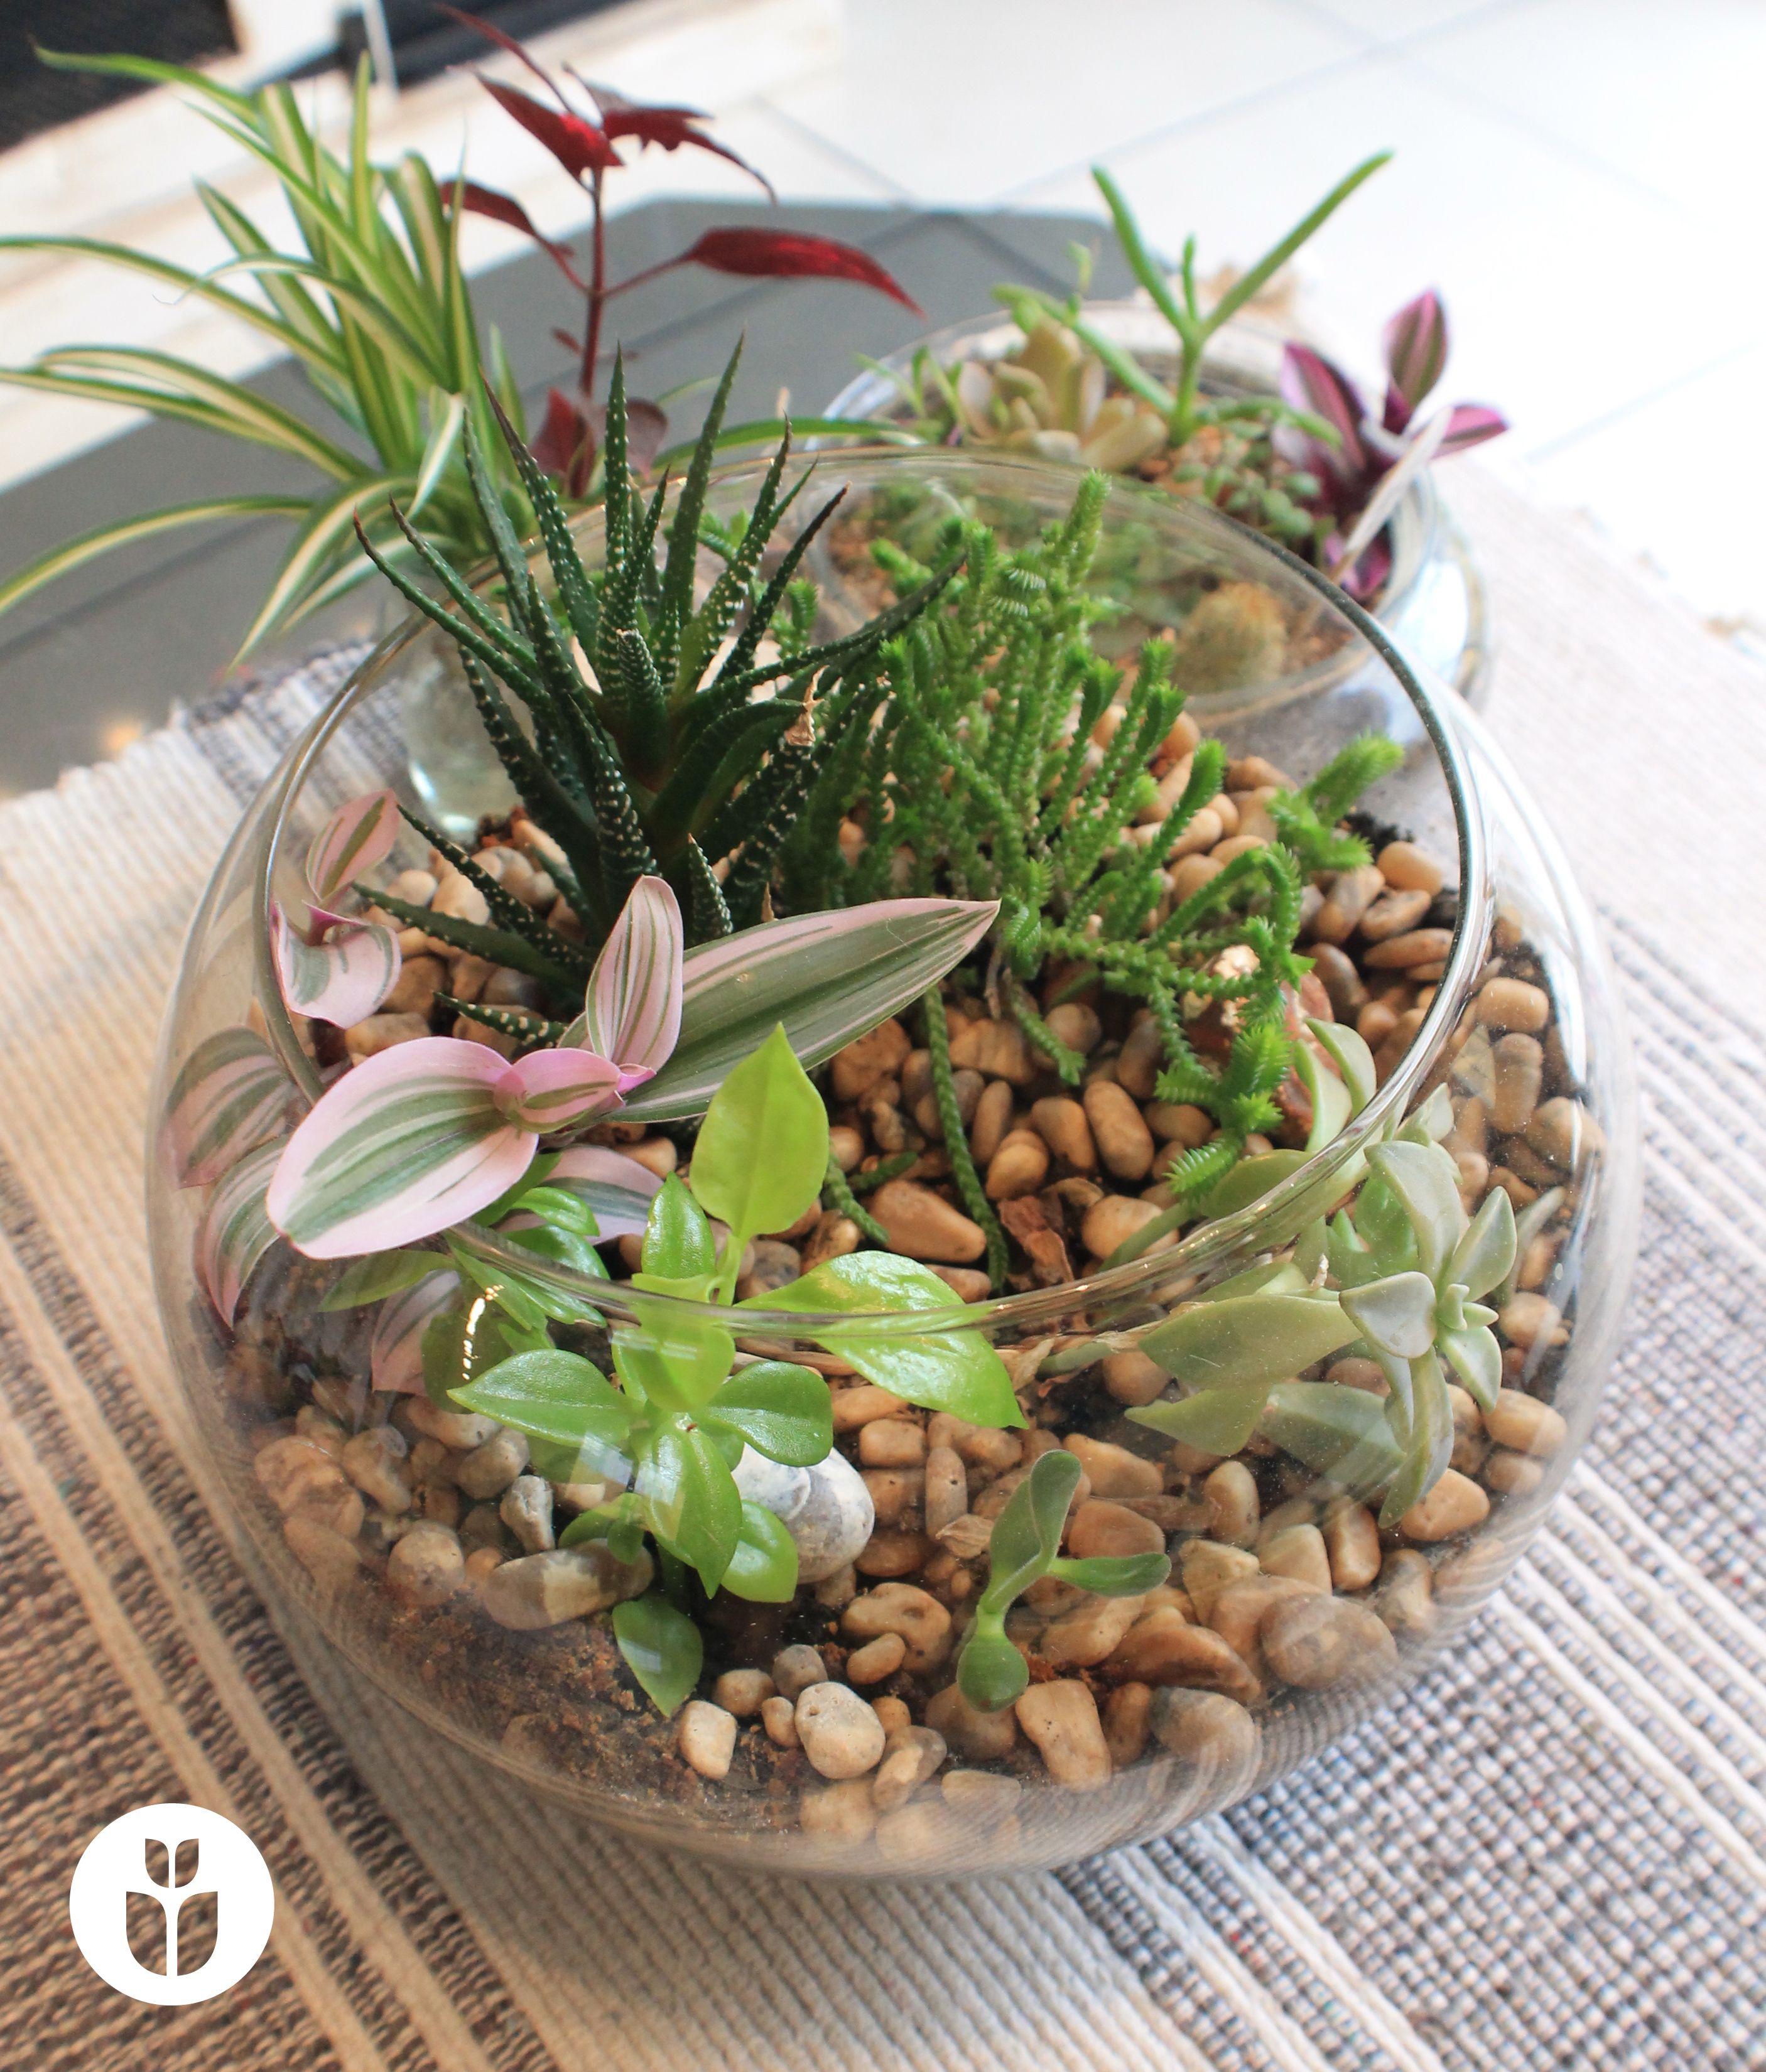 Terrario cactus suculentas terrenario pinterest - Composiciones de cactus ...